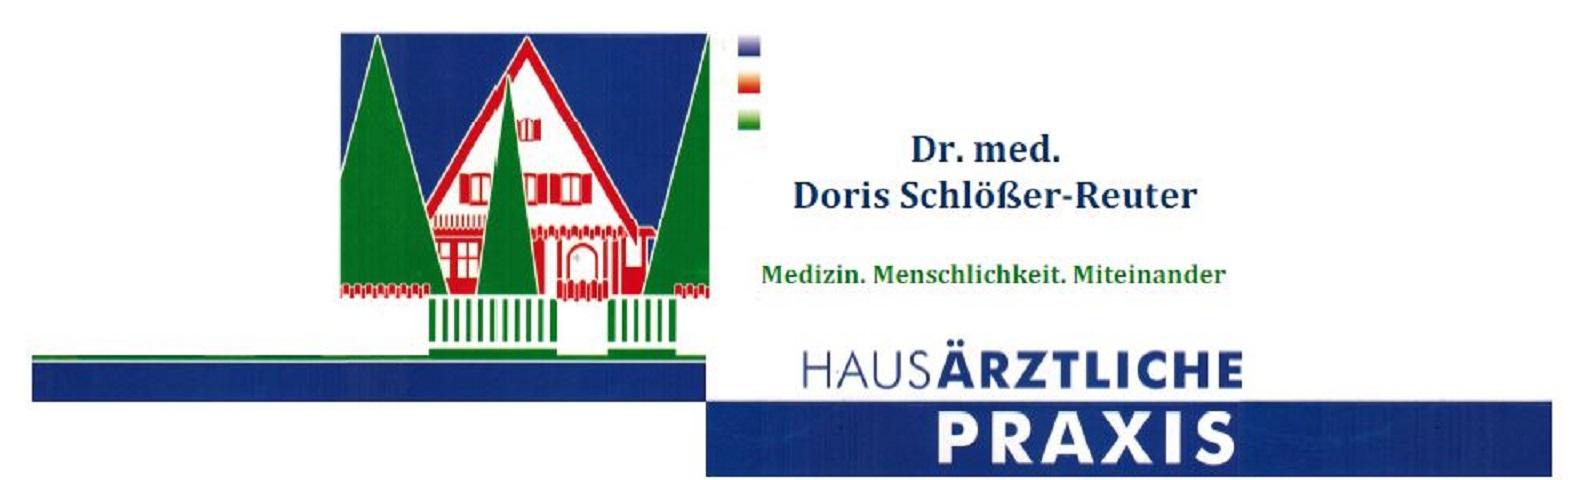 Praxis Dr. med. Doris Schlößer-Reuter